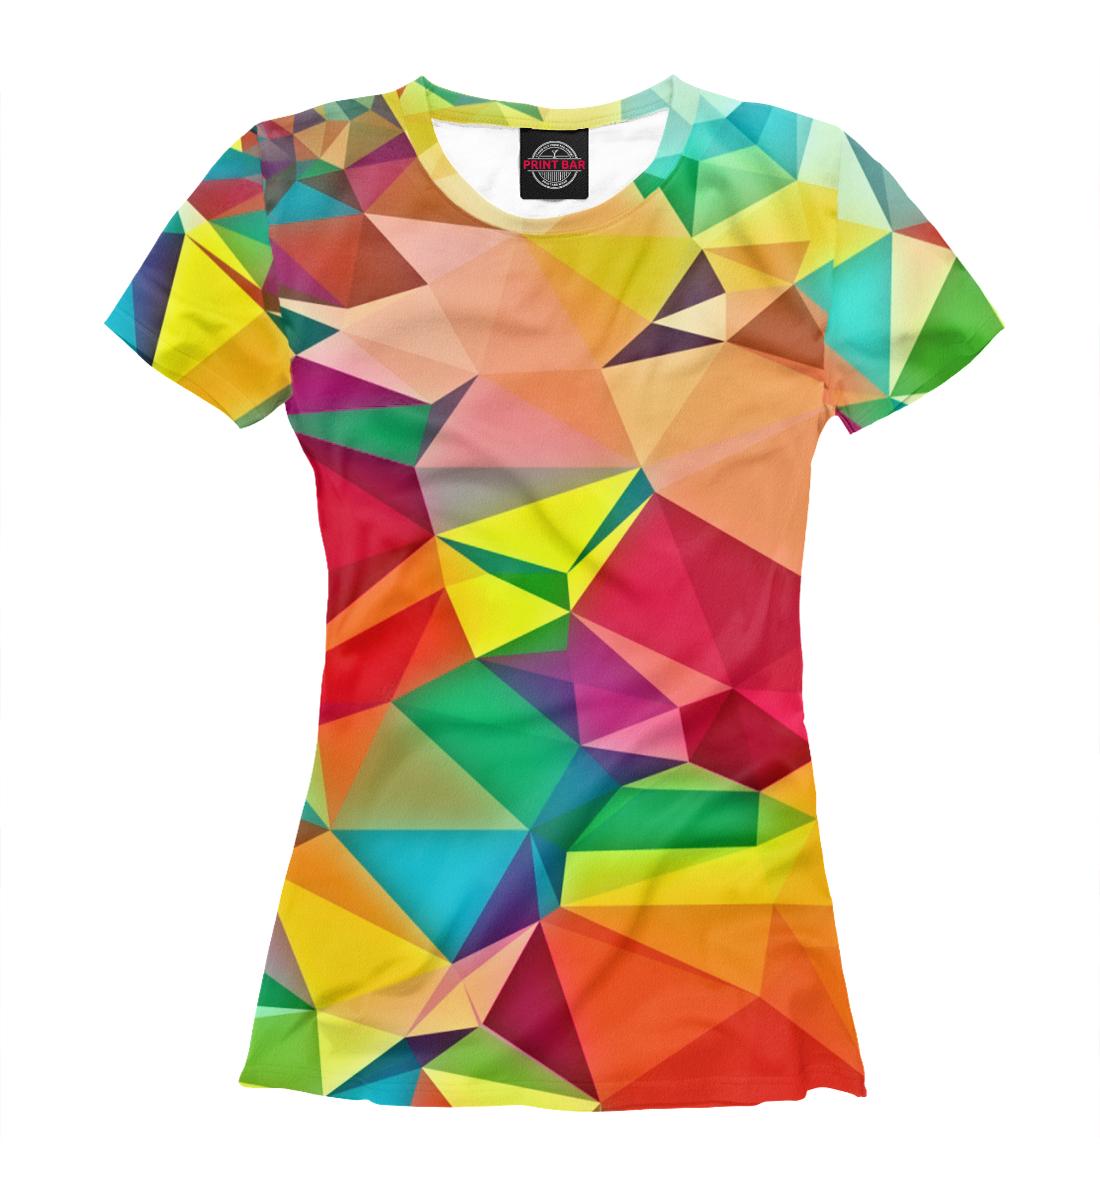 Купить Цветная абстракция, Printbar, Футболки, ABS-277635-fut-1